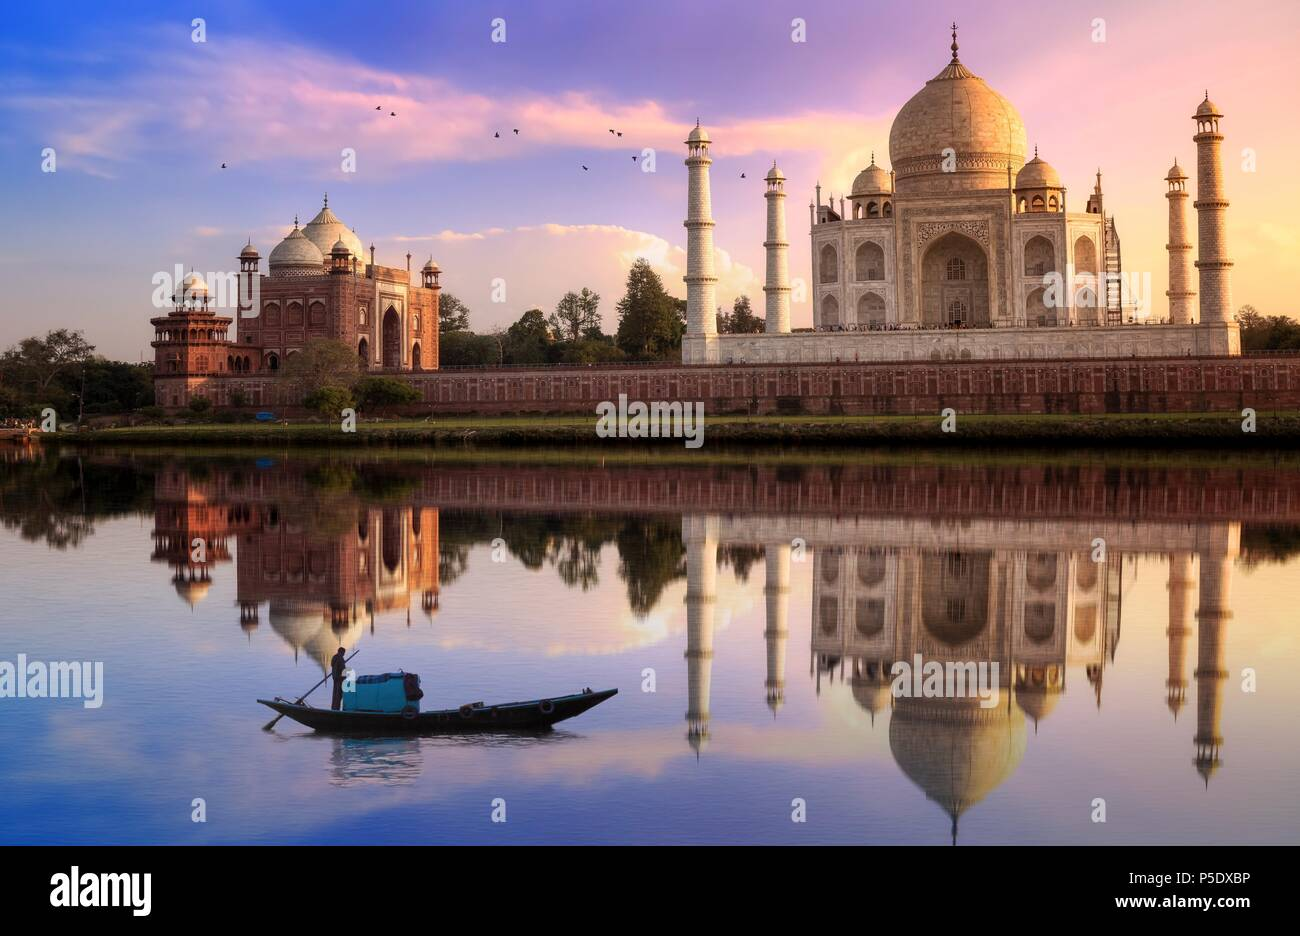 Taj Mahal de Agra moody al atardecer con cielo con botes de madera sobre el río Yamuna Imagen De Stock